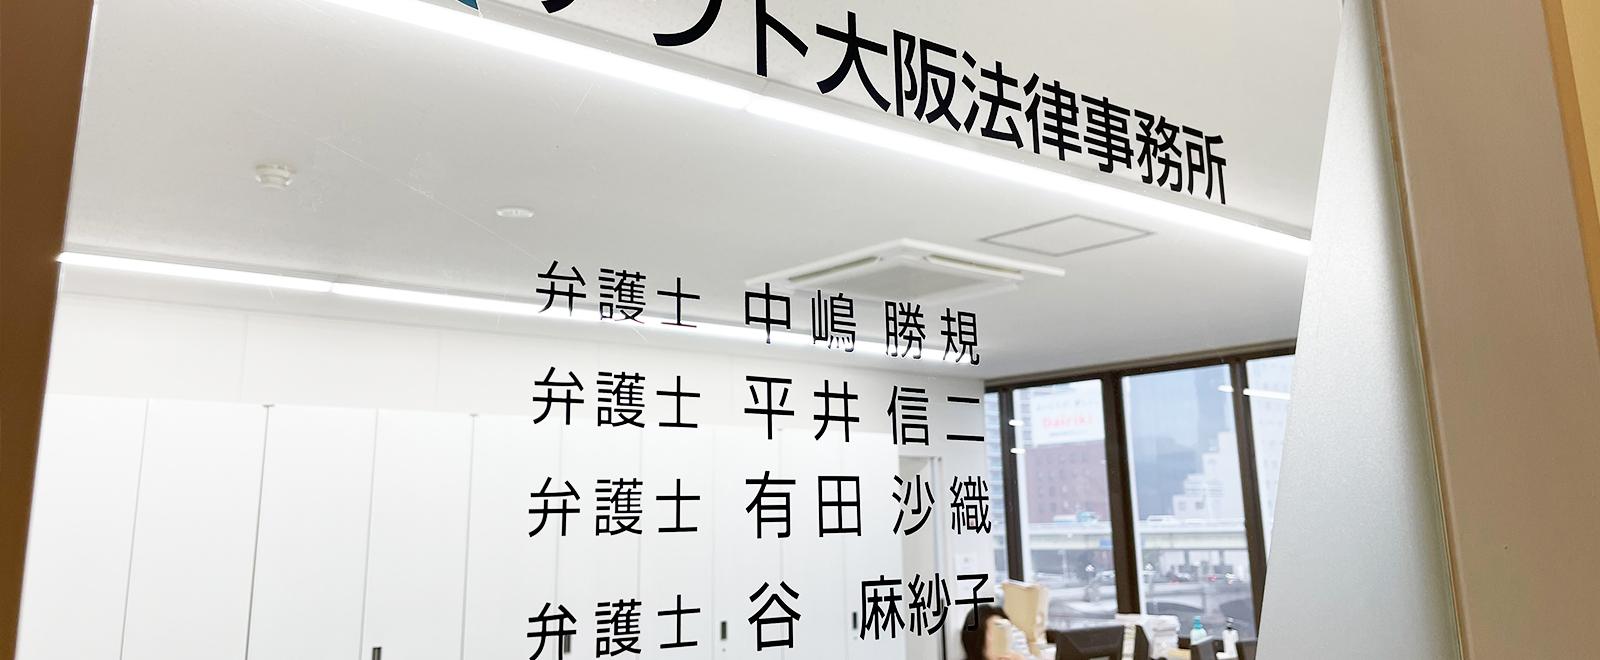 アクト大阪法律事務所 イメージ3